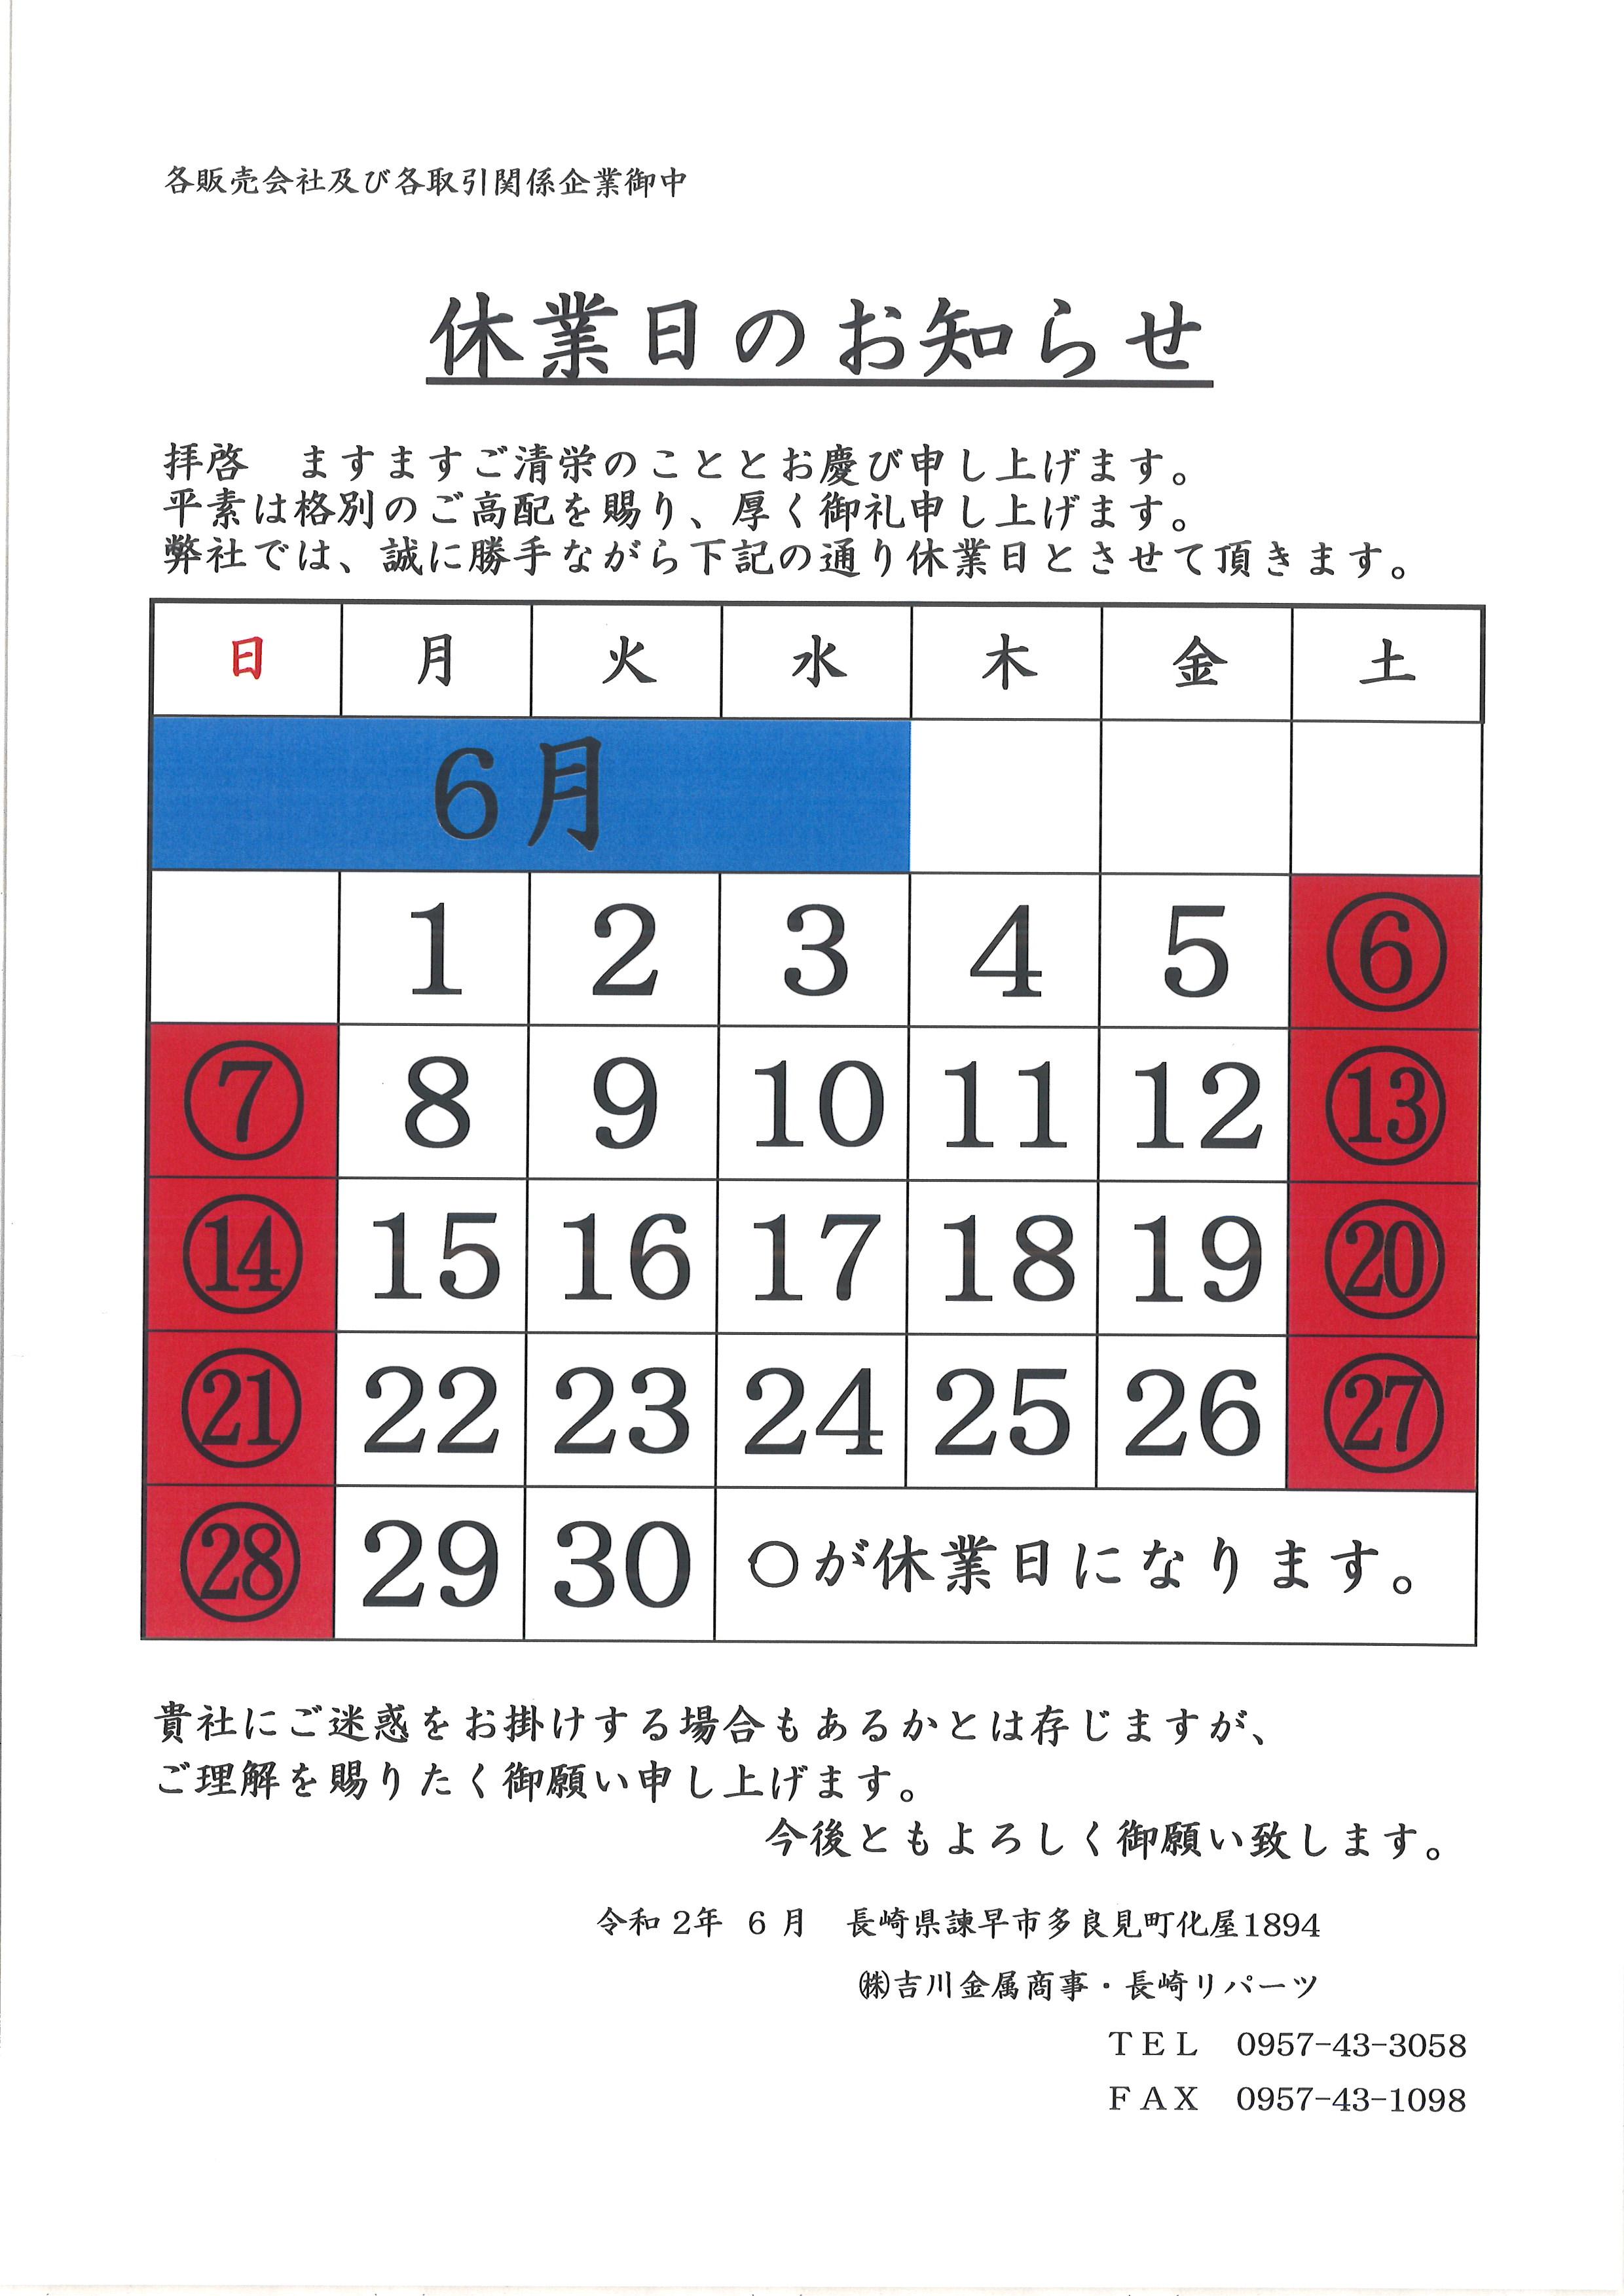 6月の休業日になります。